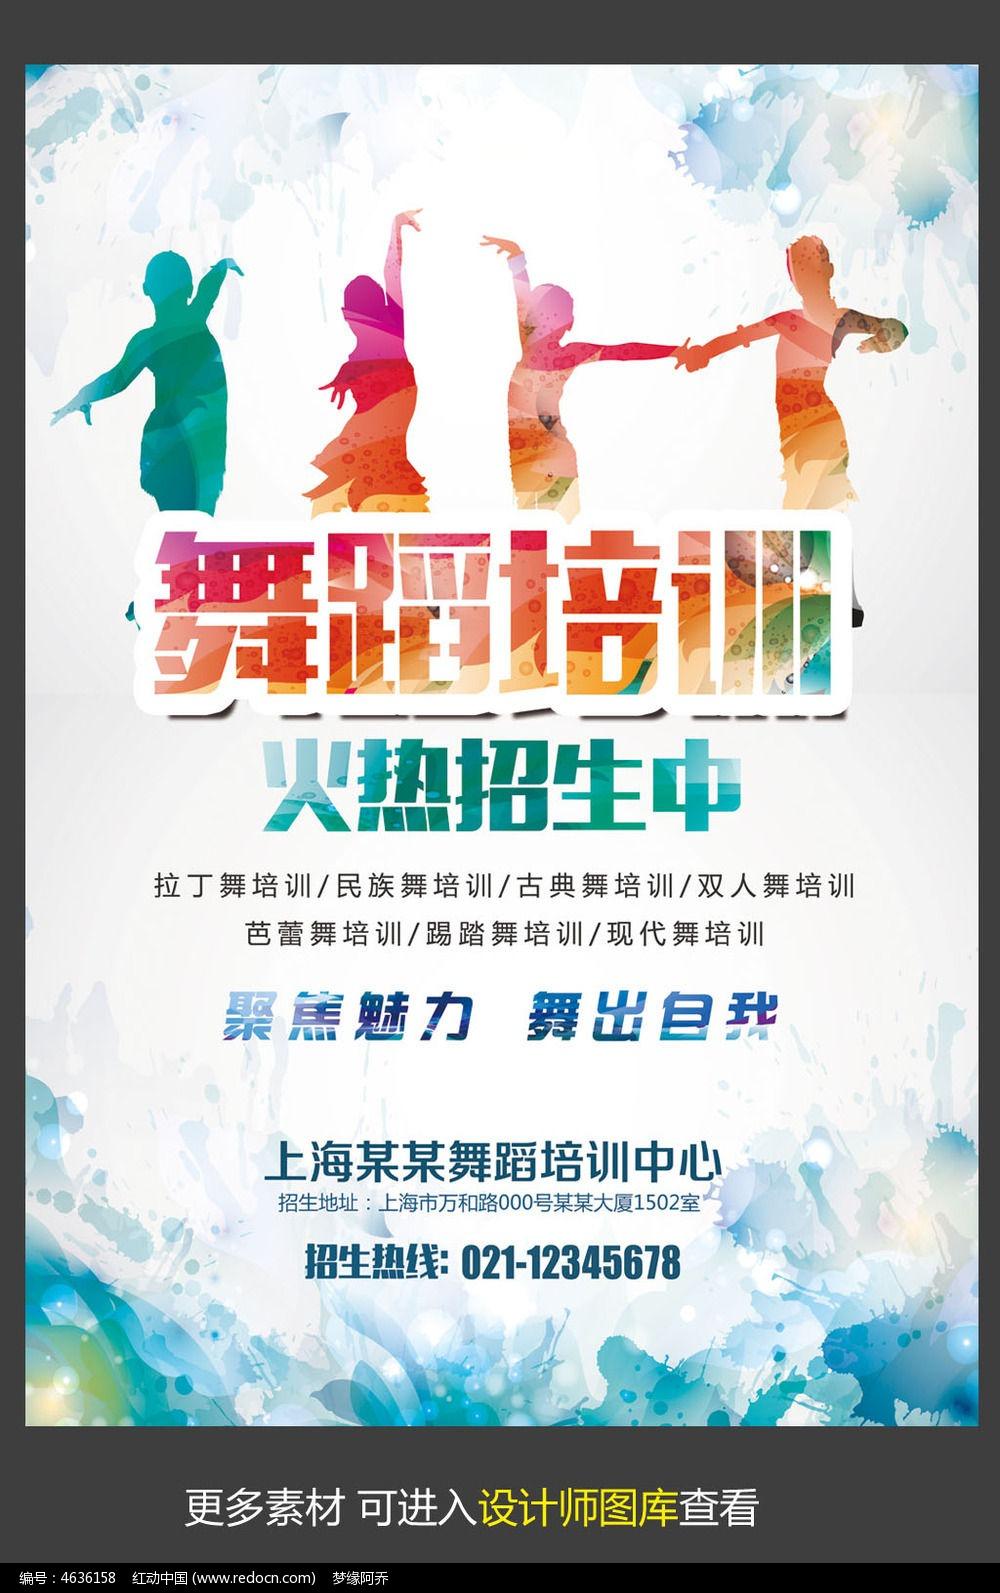 少儿舞蹈培训宣传海报设计_海报设计\/宣传单\/